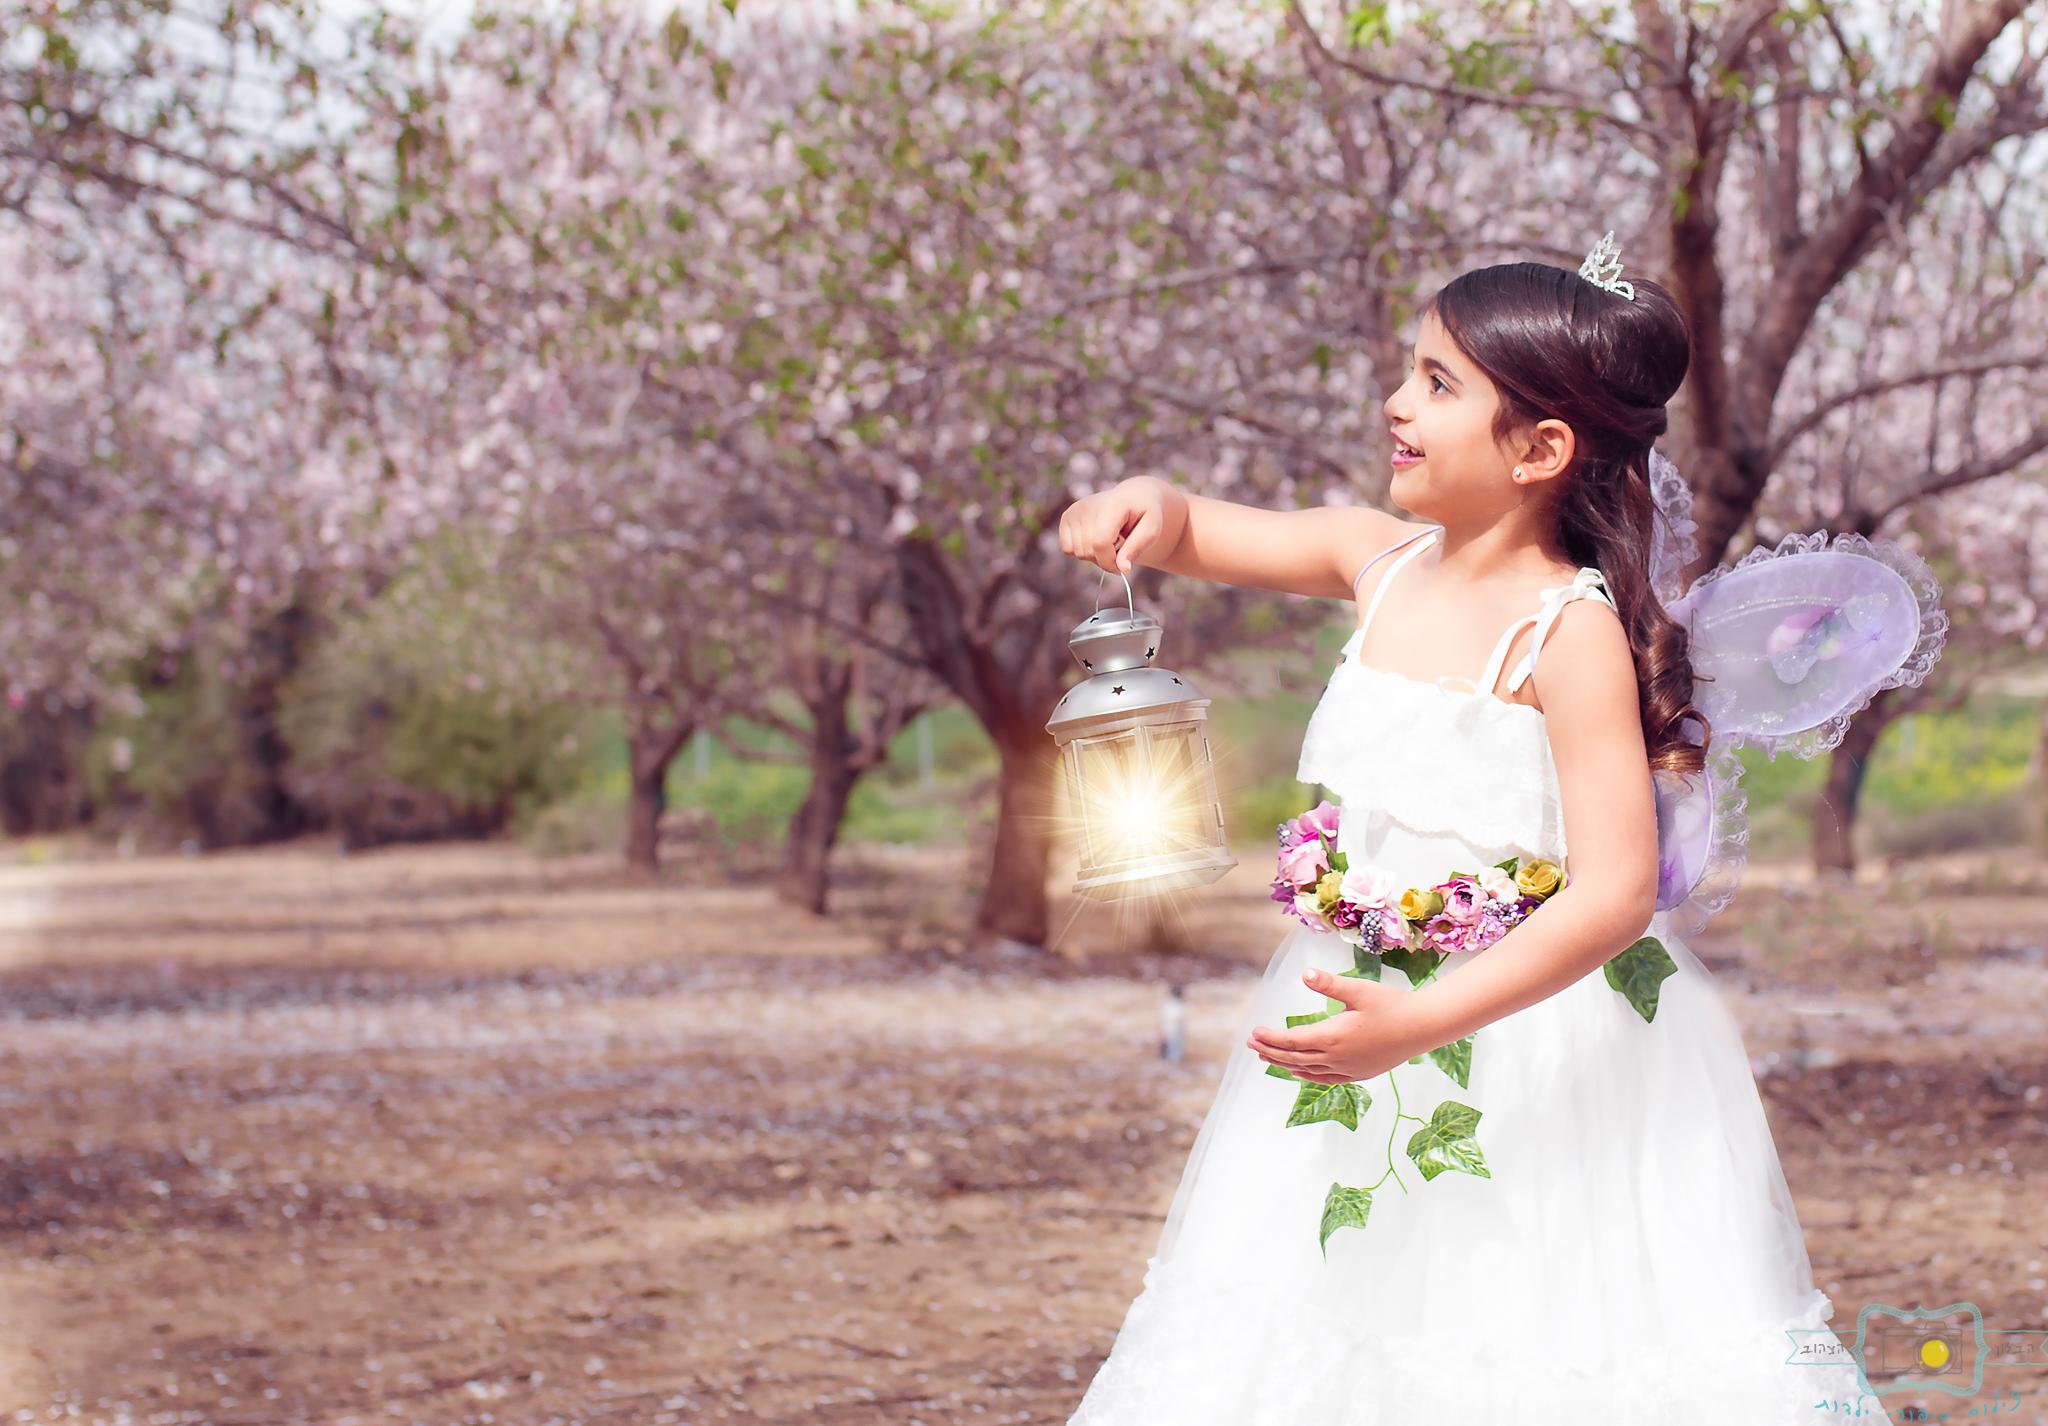 הבלון הצהוב- סטודיו לצילום ועיצוב גרפי IMG_0079-Edit פיית השקדיות- צילומי קונספט לילדים